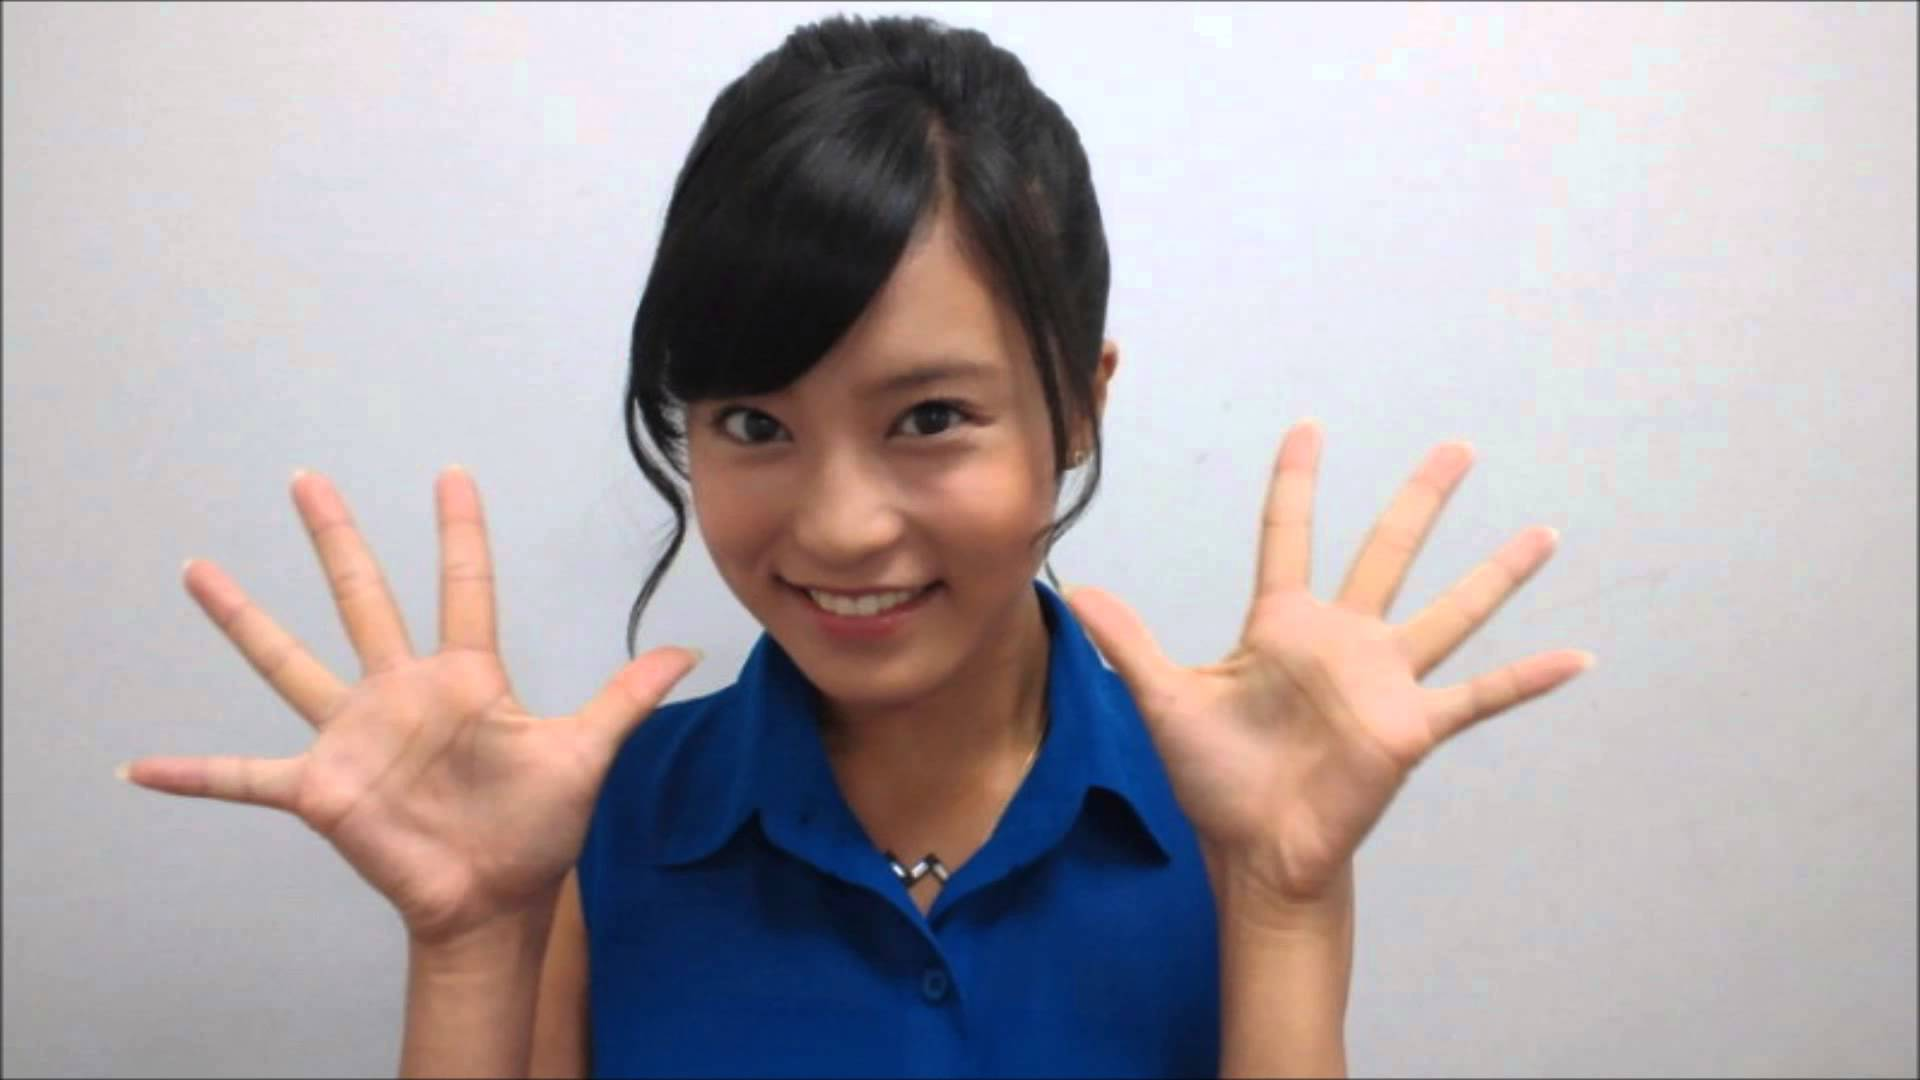 大活躍の小島瑠璃子さん☆その公表されていない出身大学を徹底追及!のサムネイル画像